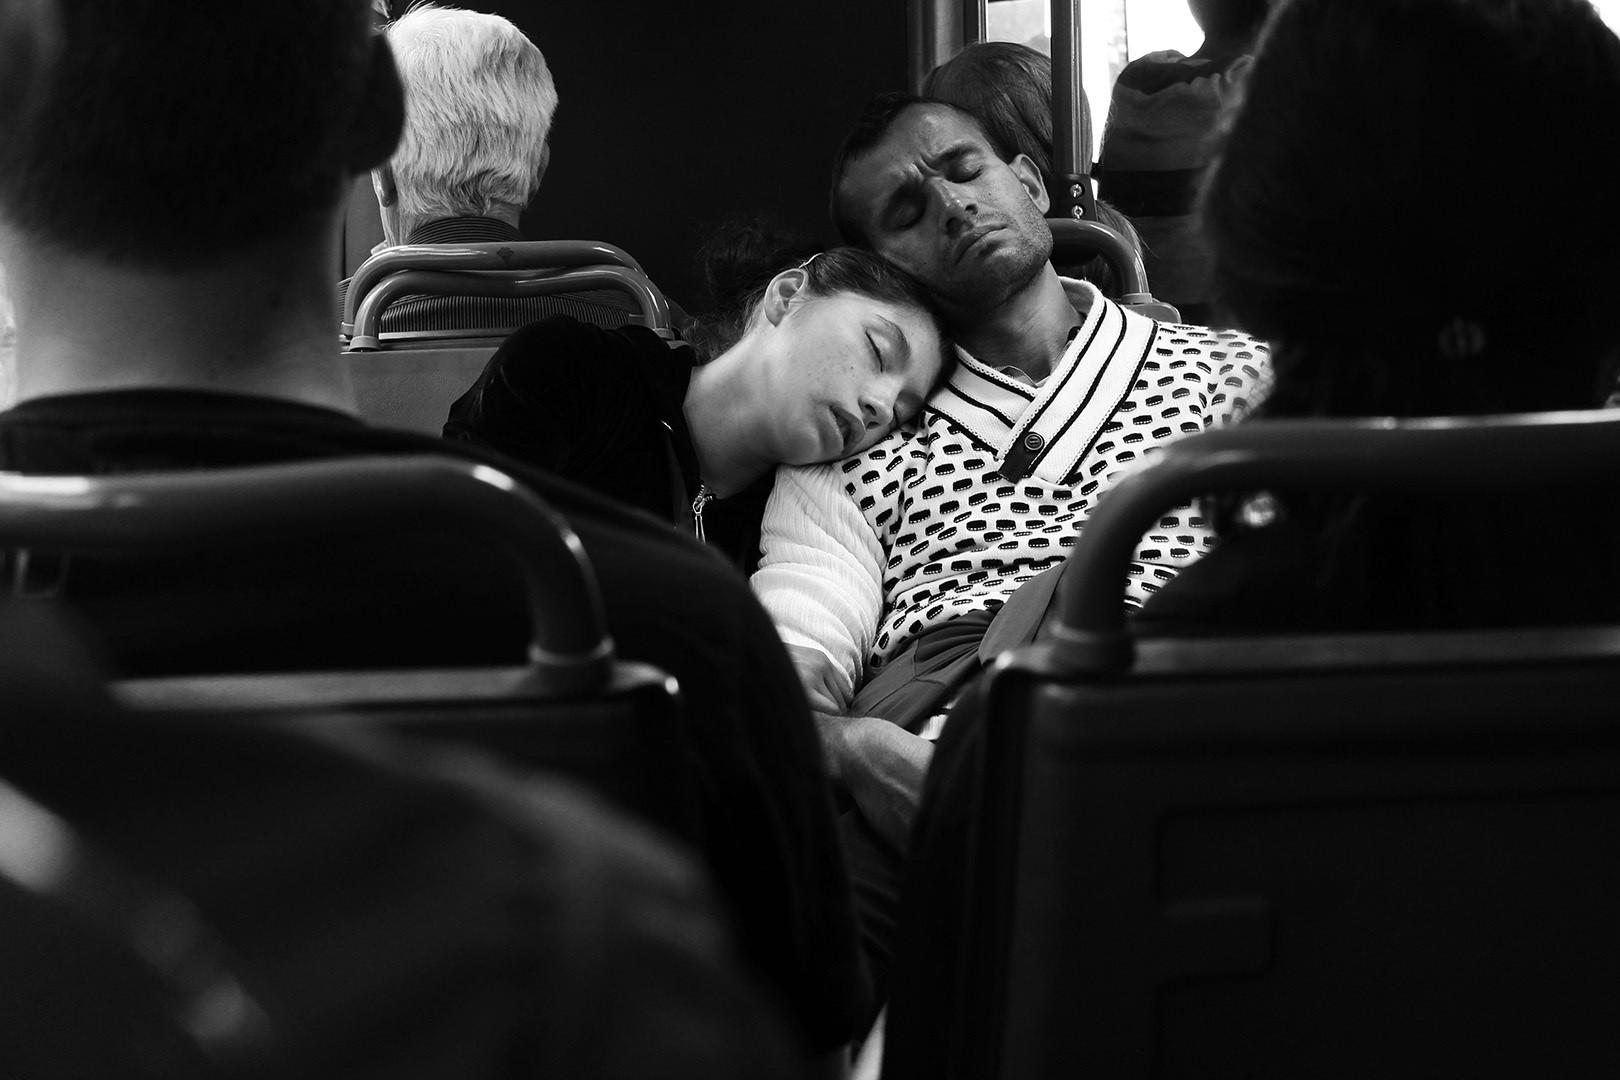 Ljubav u doba umora - Love in the time of fatigue